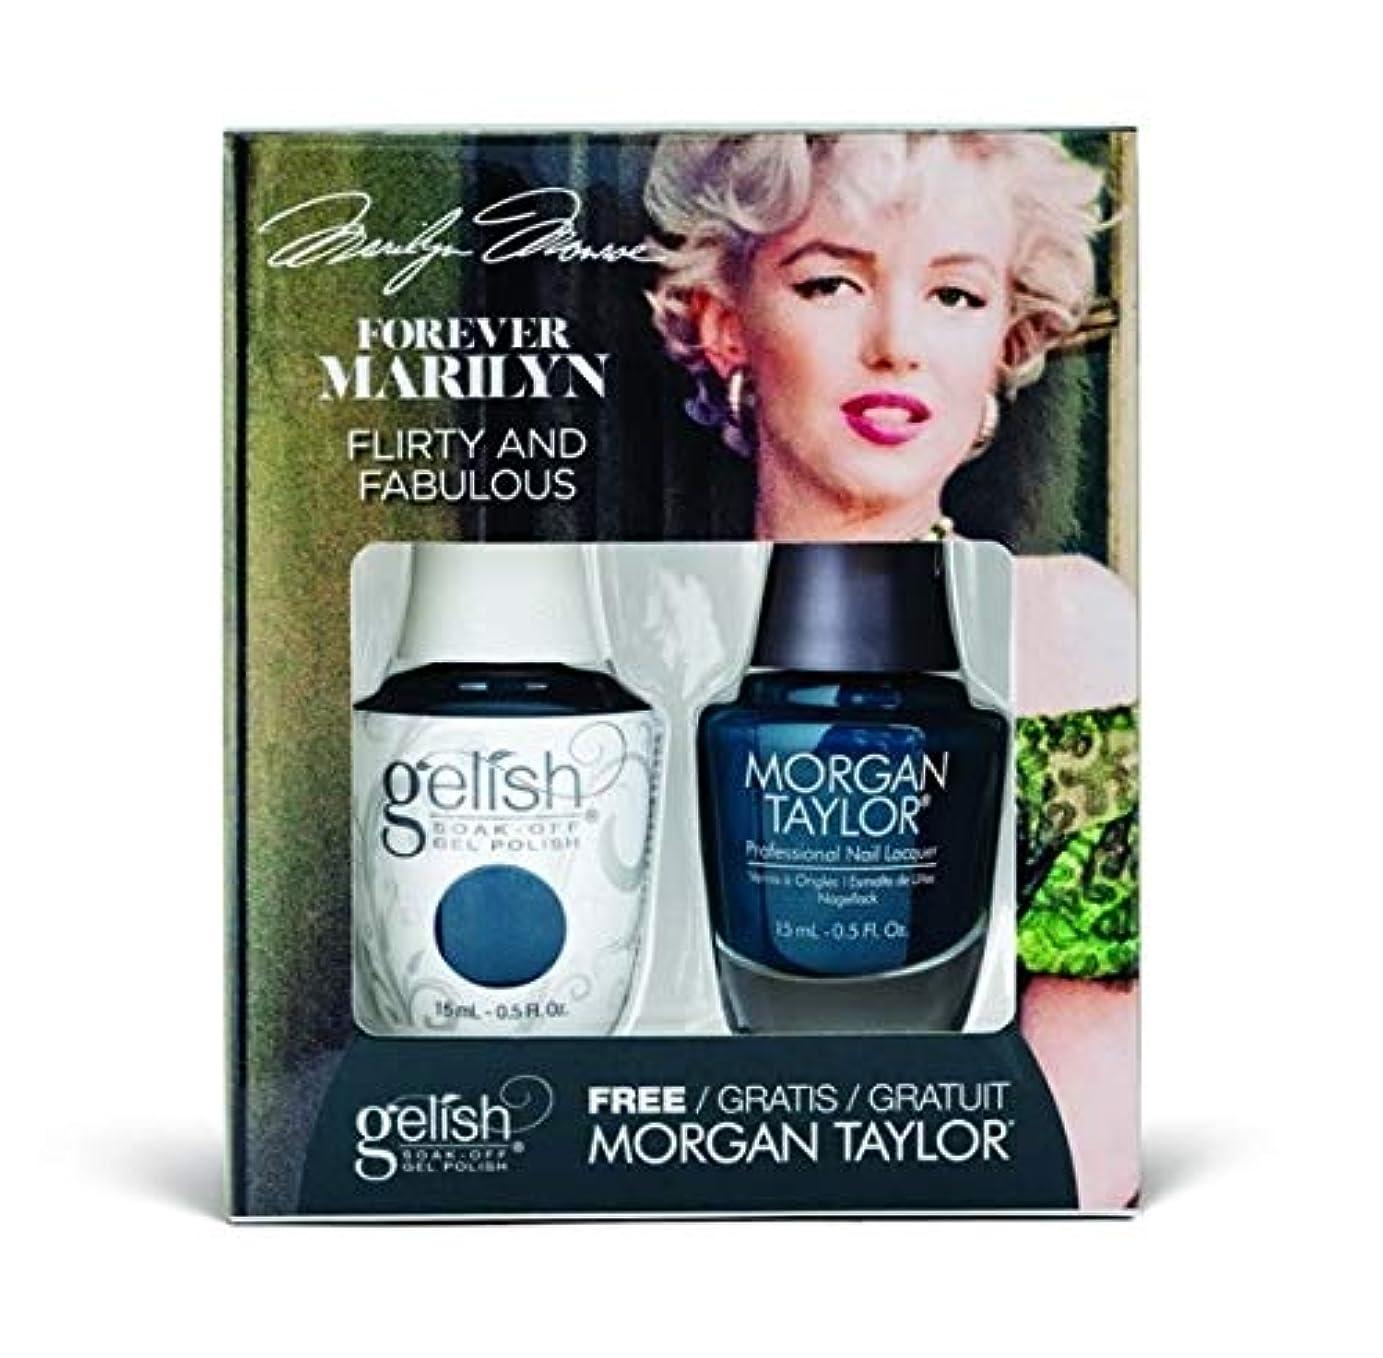 優雅それら比べるHarmony Gelish - Two of a Kind - Forever Marilyn Fall 2019 Collection - Flirty and Fabulous - 15ml / 0.5oz